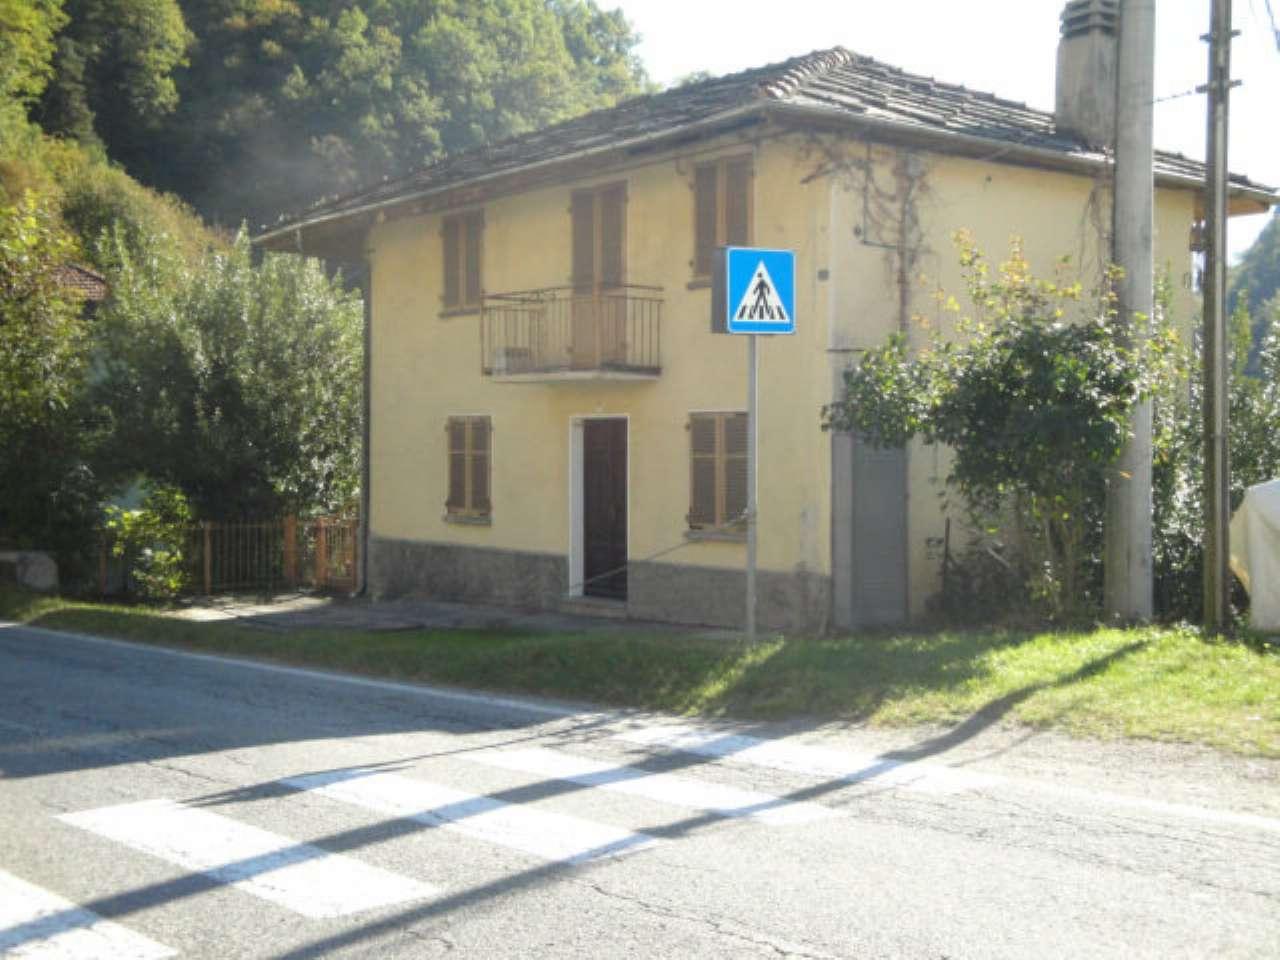 Villa in vendita a Perosa Argentina, 6 locali, prezzo € 62.000 | Cambio Casa.it